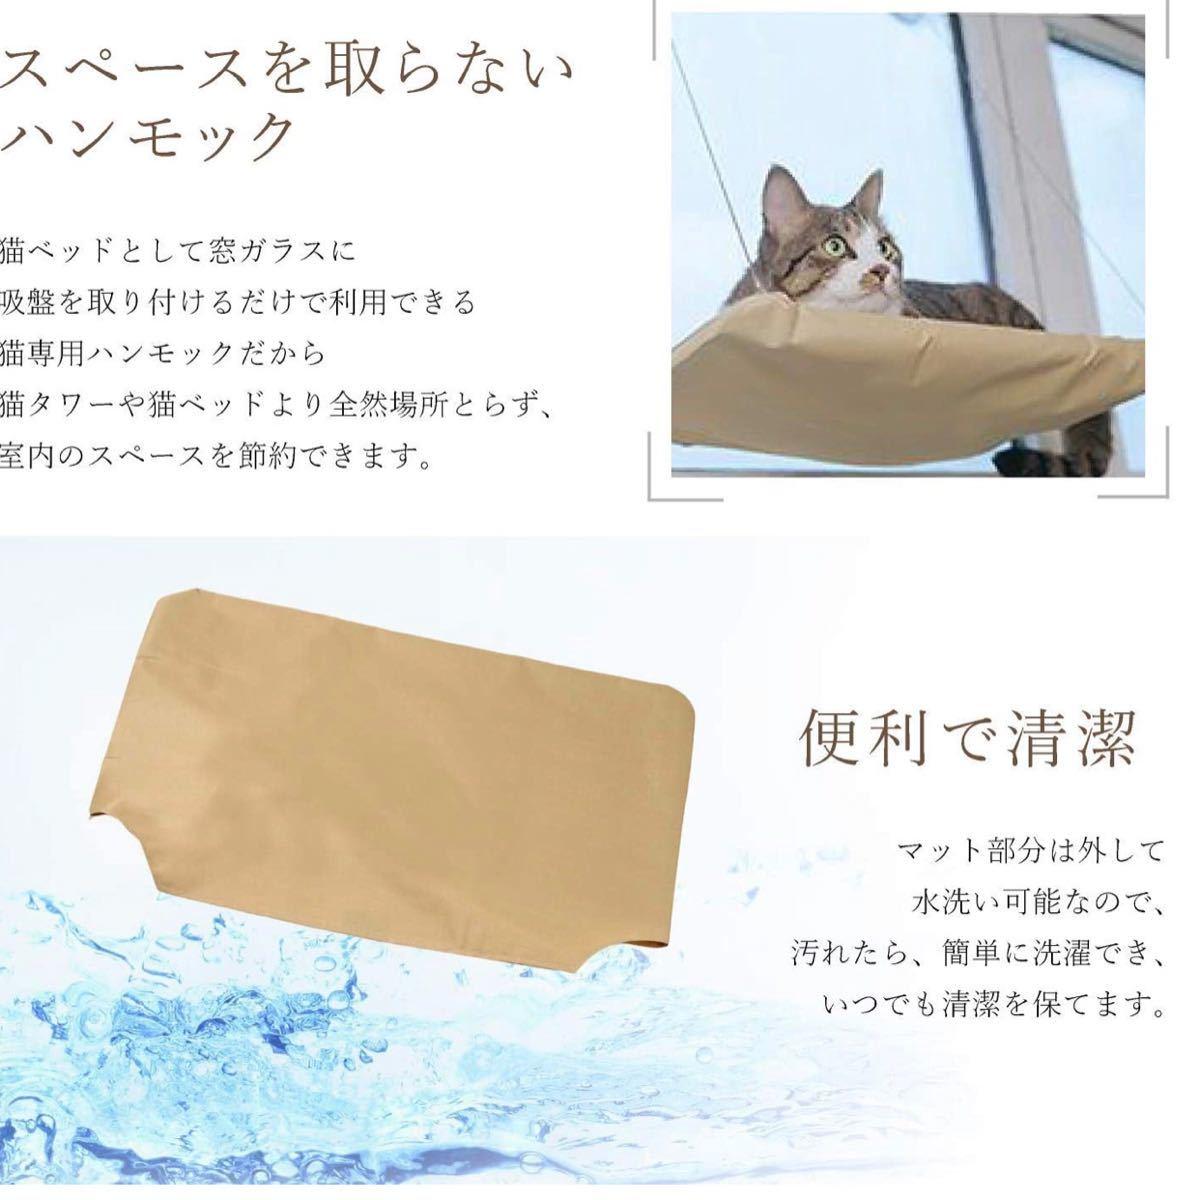 即日発送 猫のハンモック窓際ペット用ベッド 日向ぼっこ 猫グッズ オールシーズン